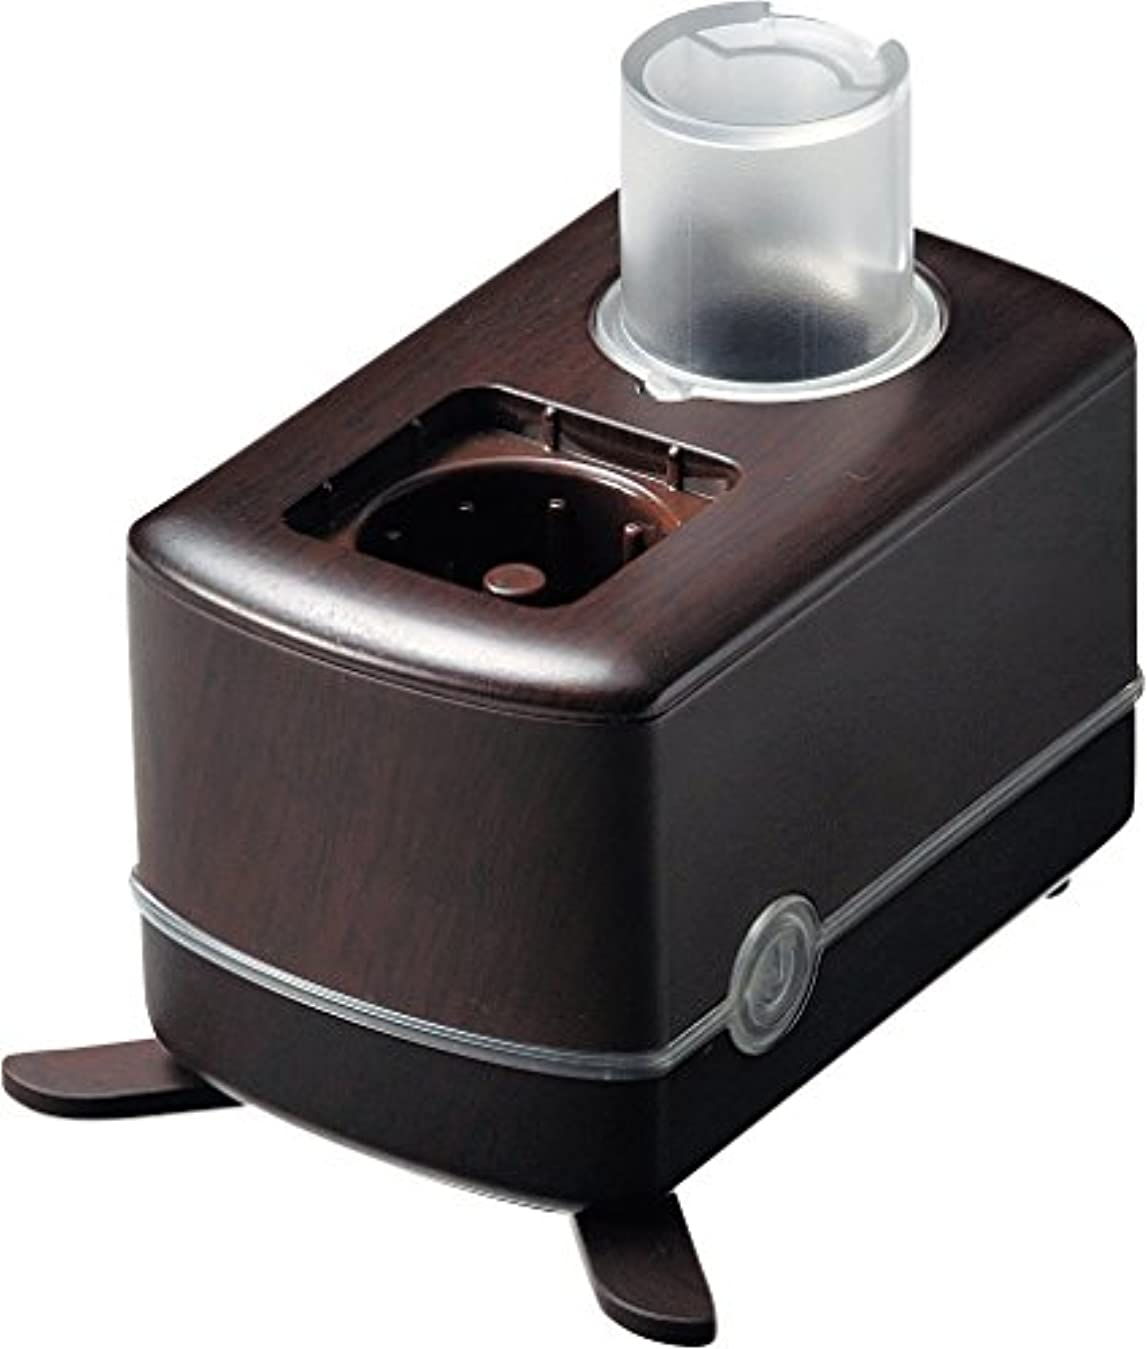 抑制するブロック寝具ラドンナ PETボトル加湿器 ウッドパターン Ver. 2 WD57-HF ブラウン